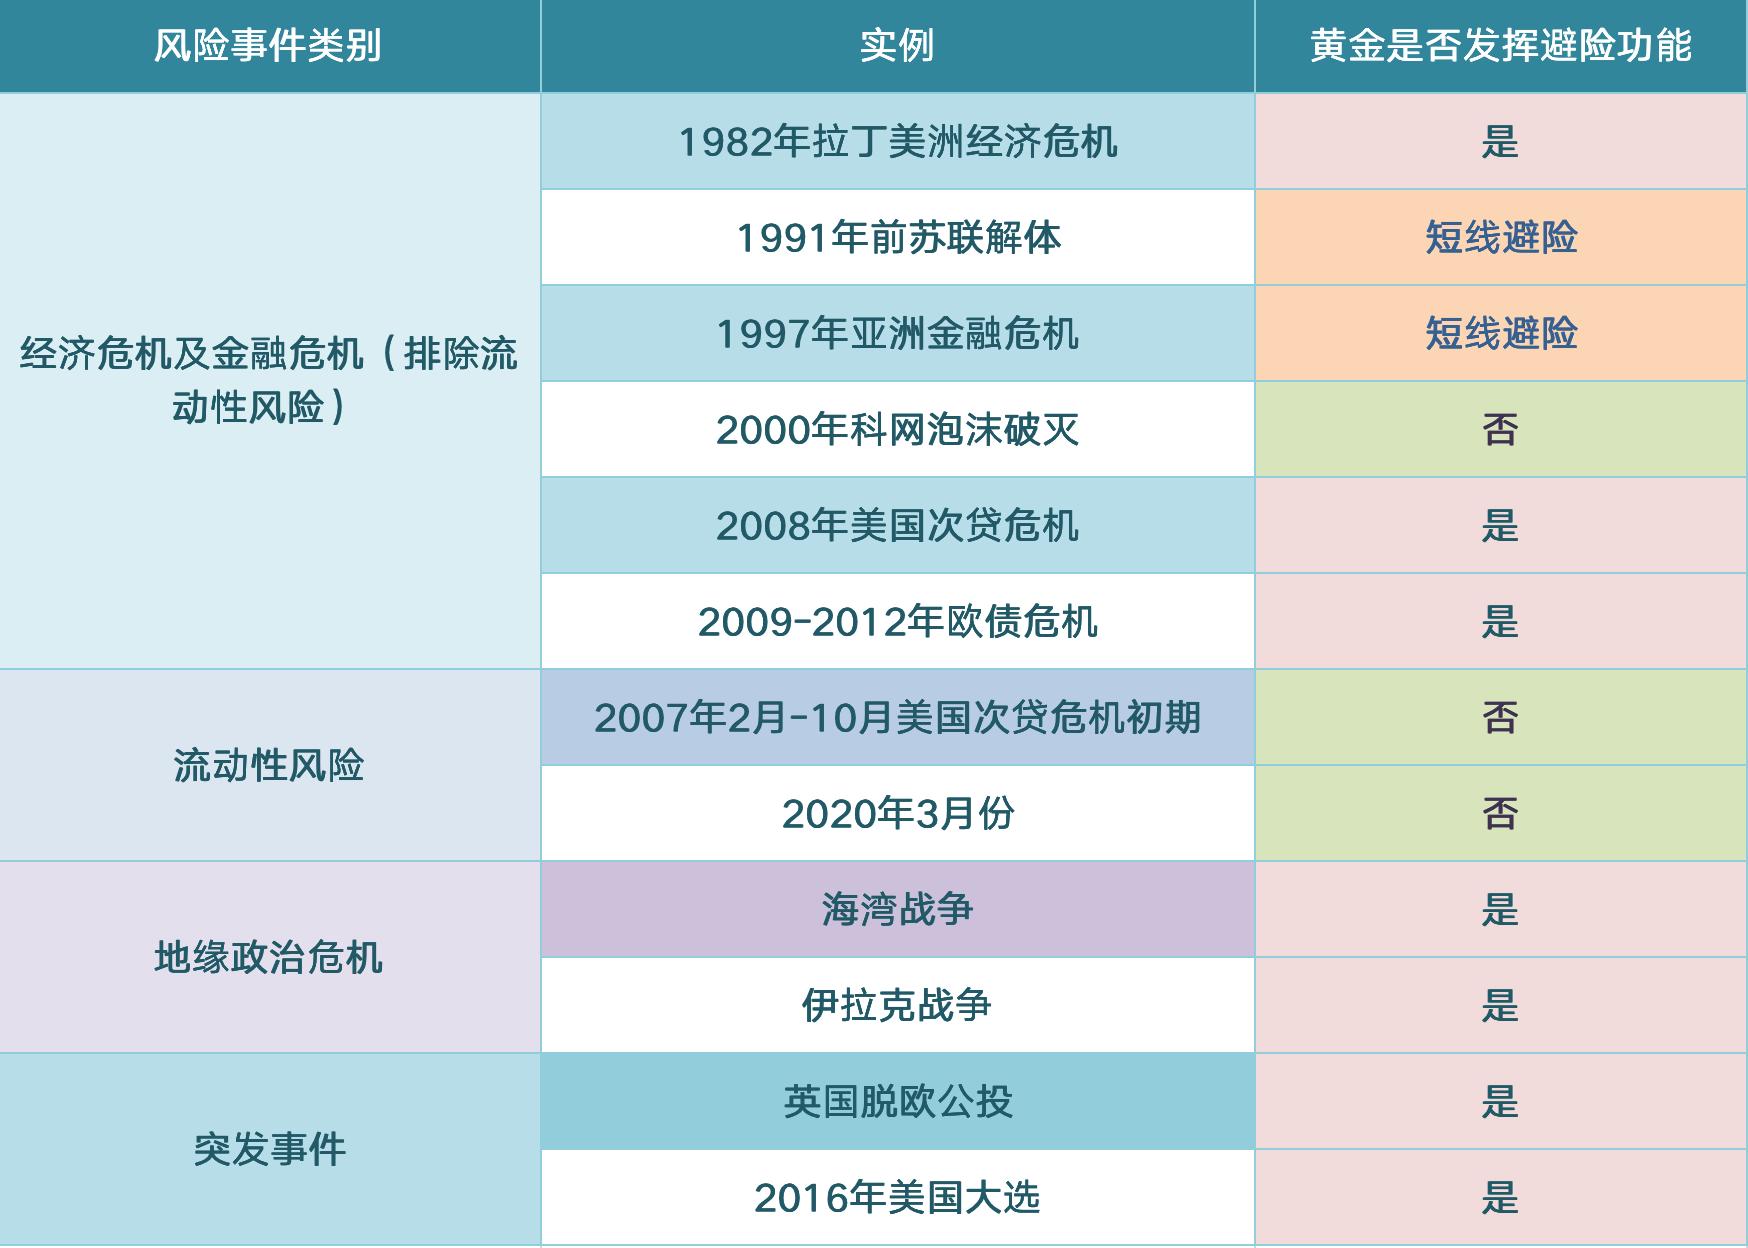 加密市场黑天鹅事件推演框架(下)